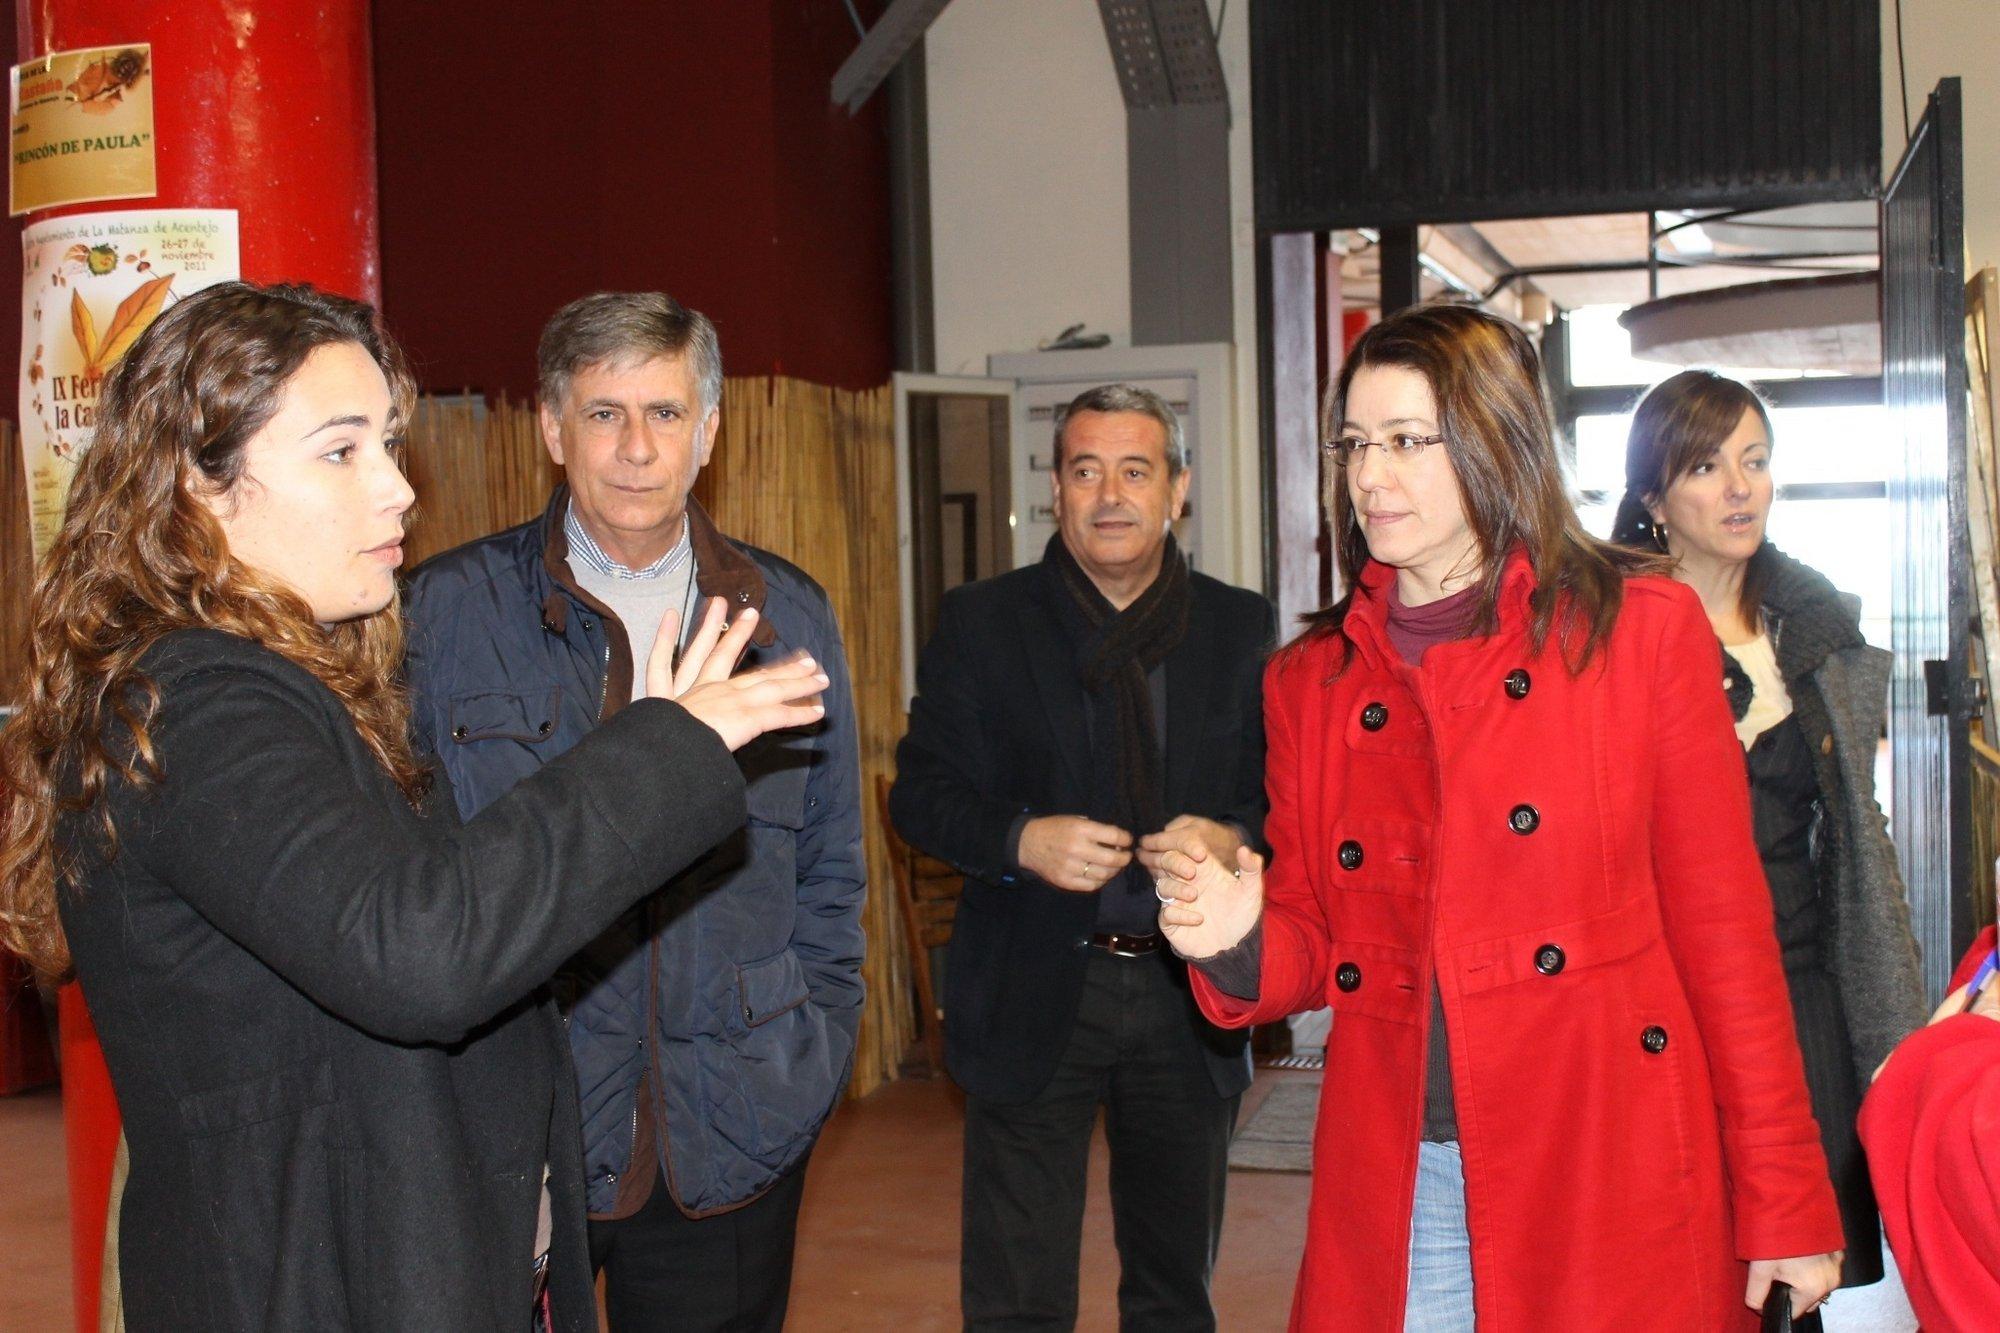 El Cabildo de Tenerife promueve una exposición sobre medicina y física en La Matanza (Tenerife)